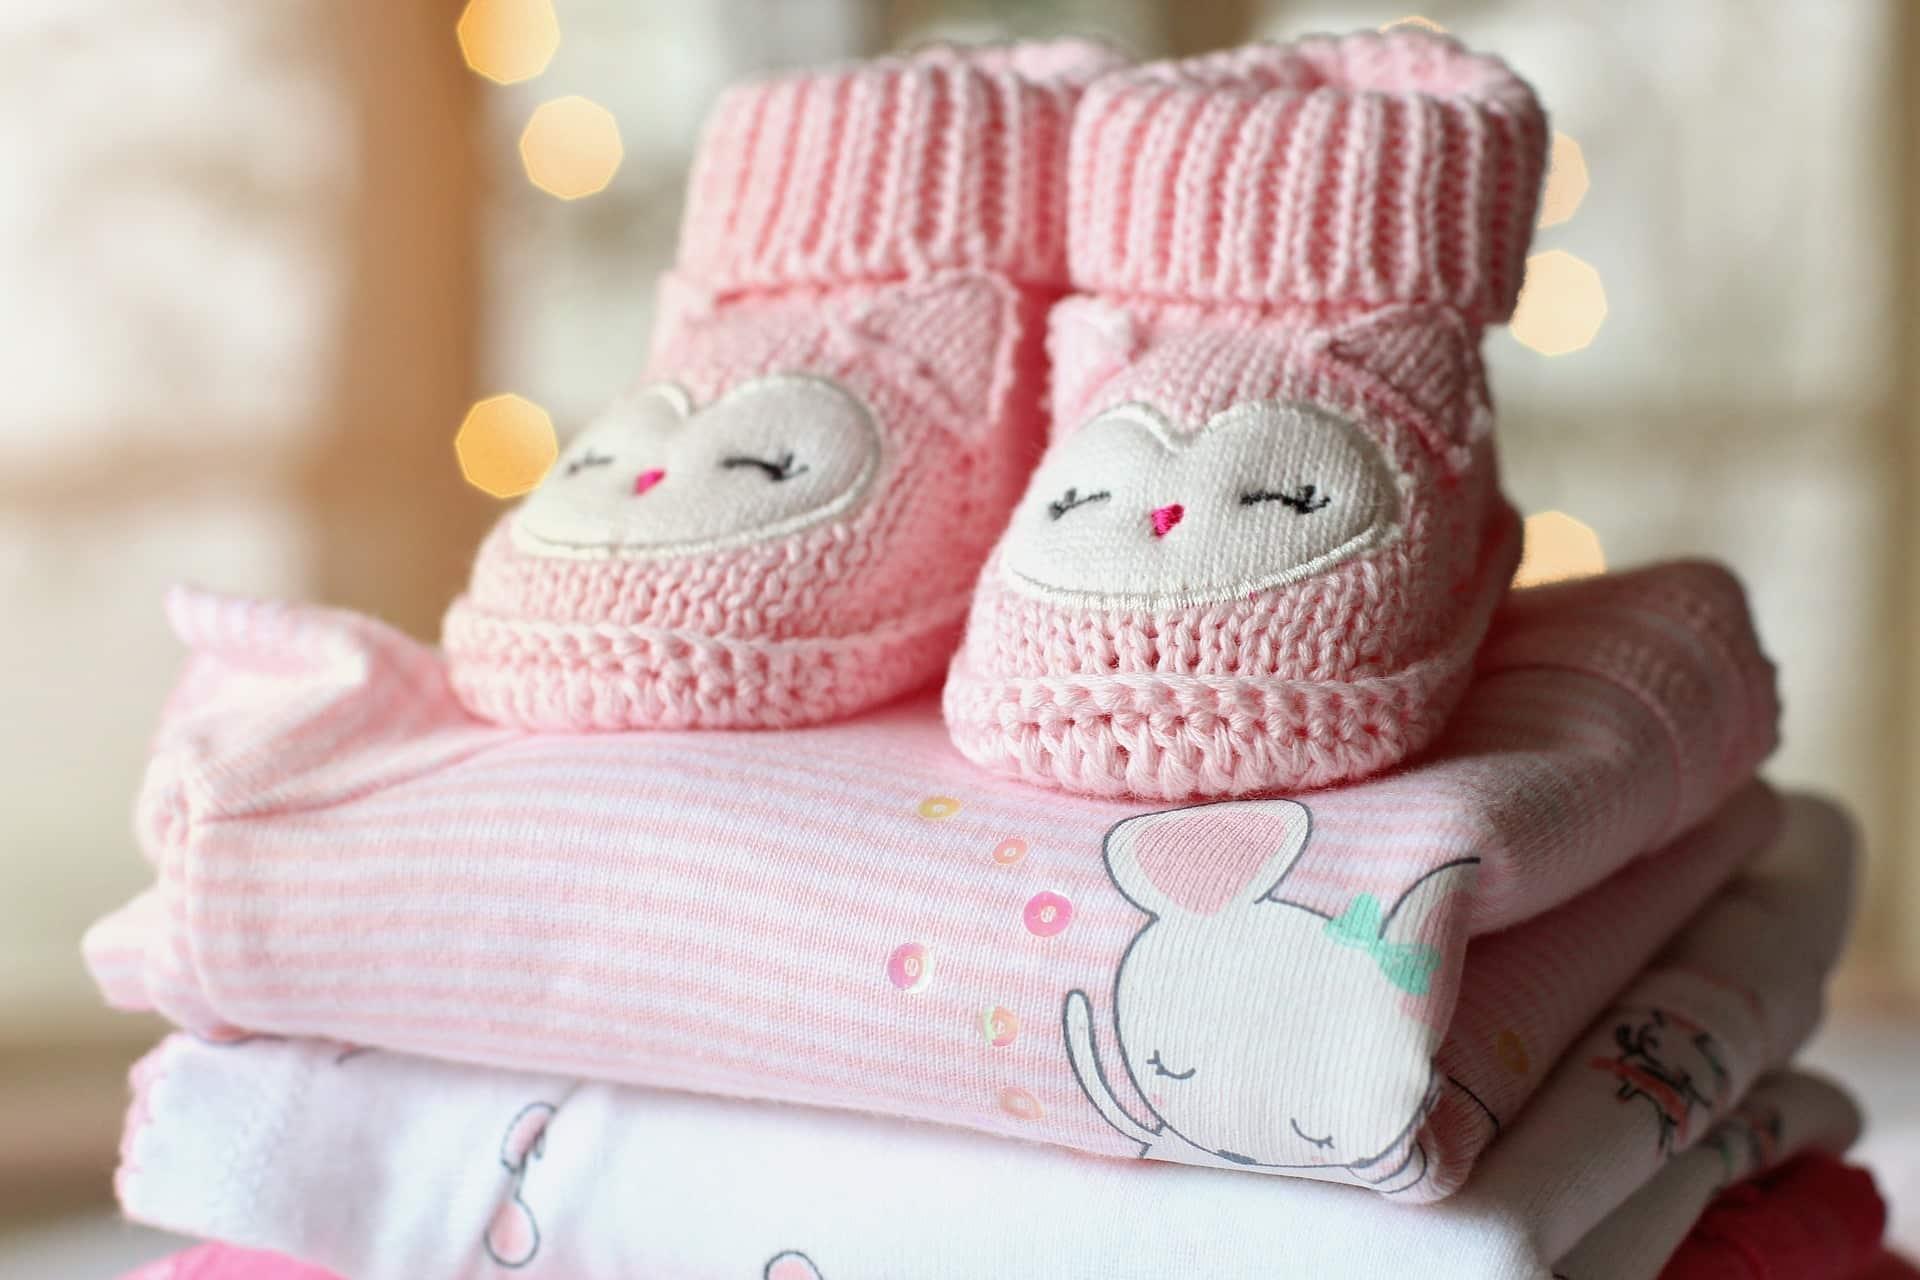 Quelle quantité vêtement acheter pour bébé ?